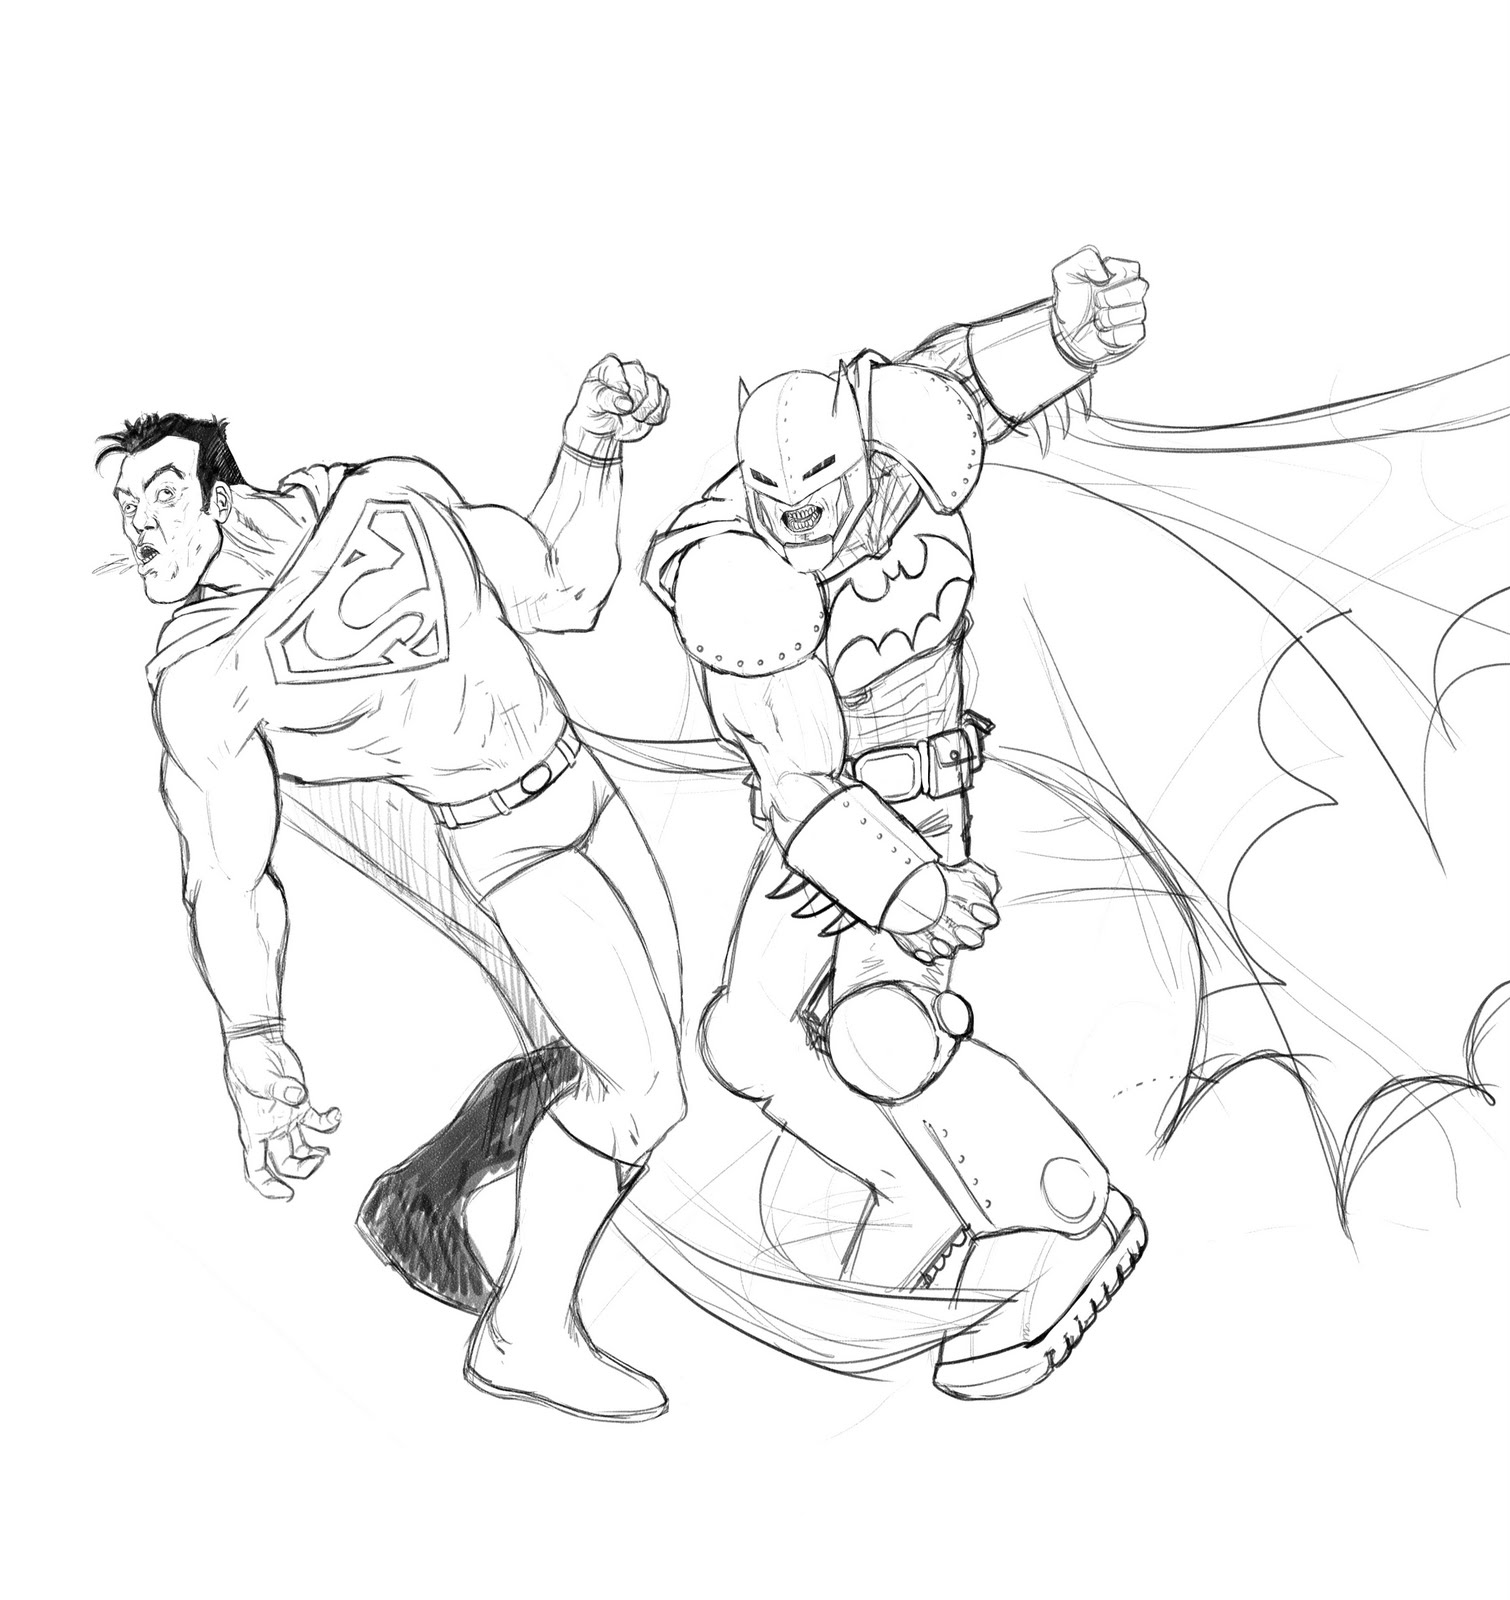 batman vs superman injustice coloring pages | EL DIBUJANTE AFICIONADO: BATMAN VS SUPERMAN LAPIZ